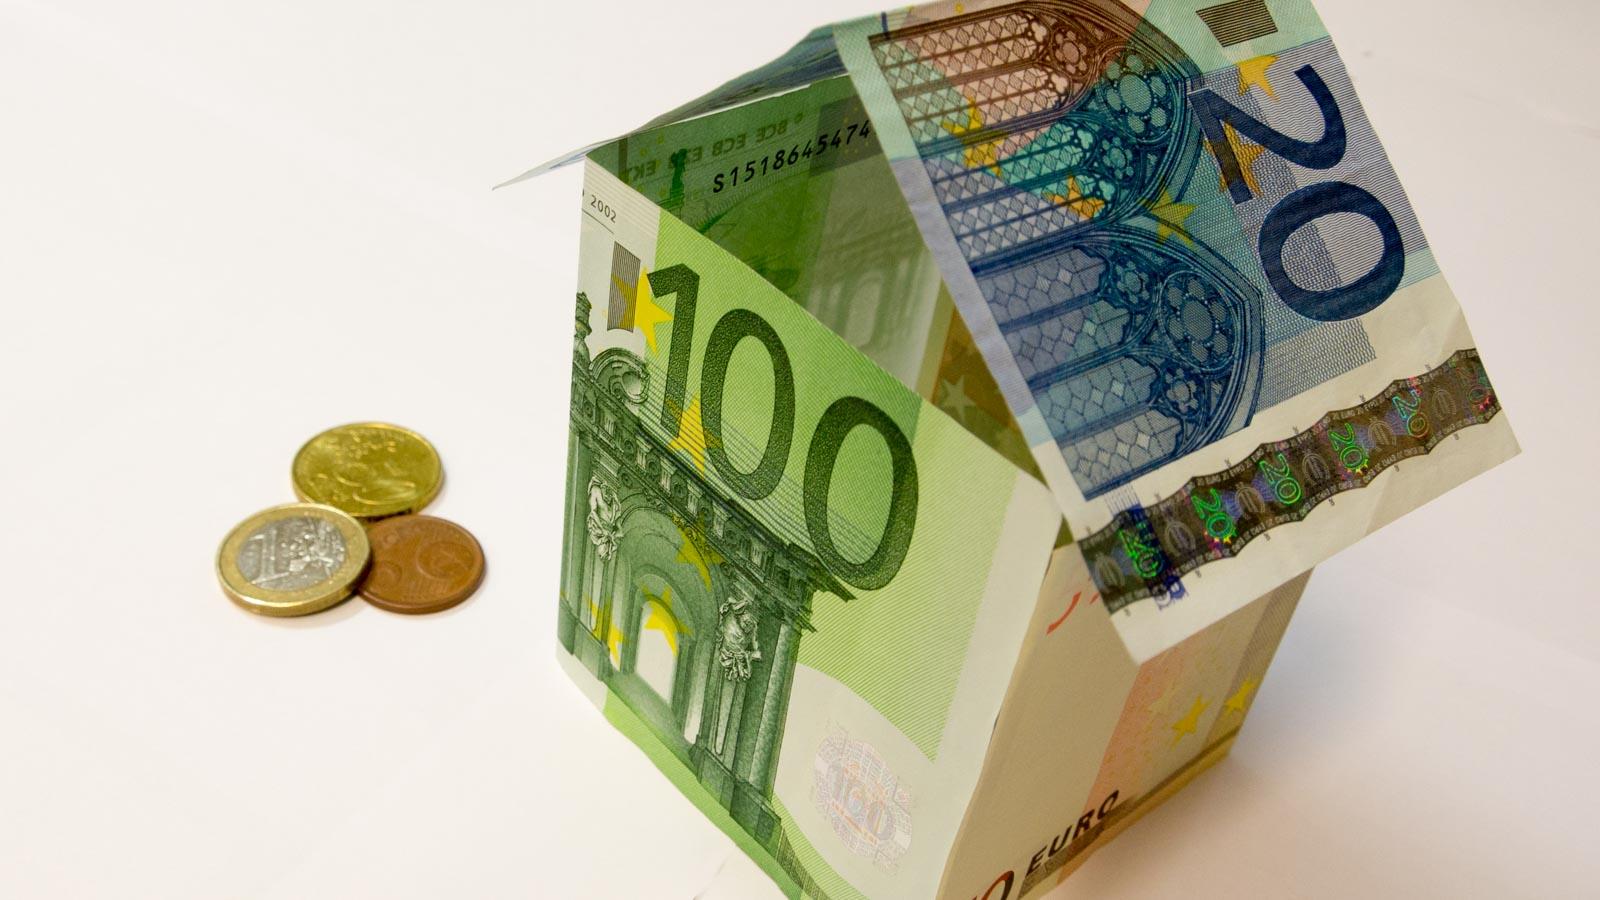 Haus aus Euroscheinen, daneben drei Münzen